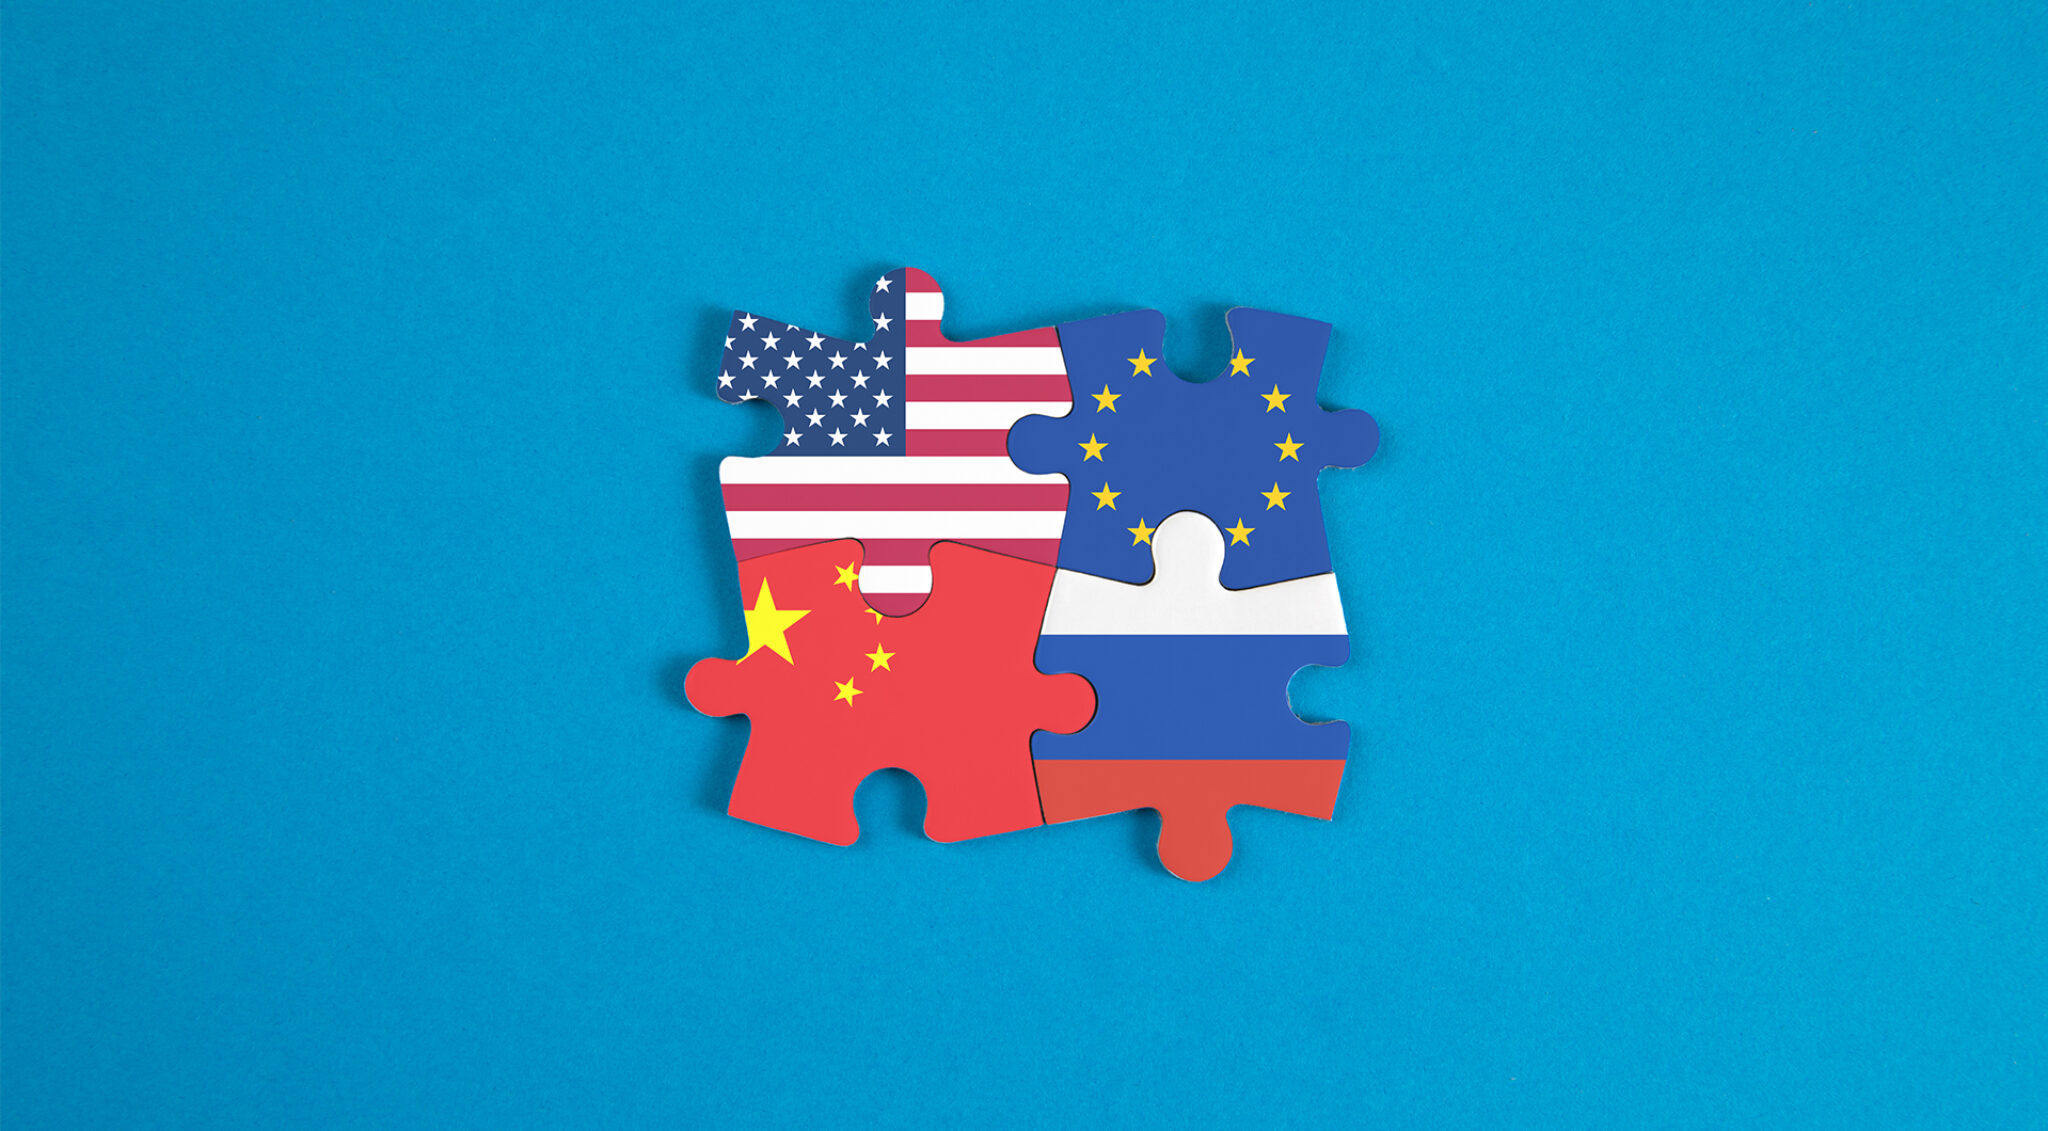 Die Flaggen der USA, China, Europa und Russland als Puzzleteile ineinander gesteckt.